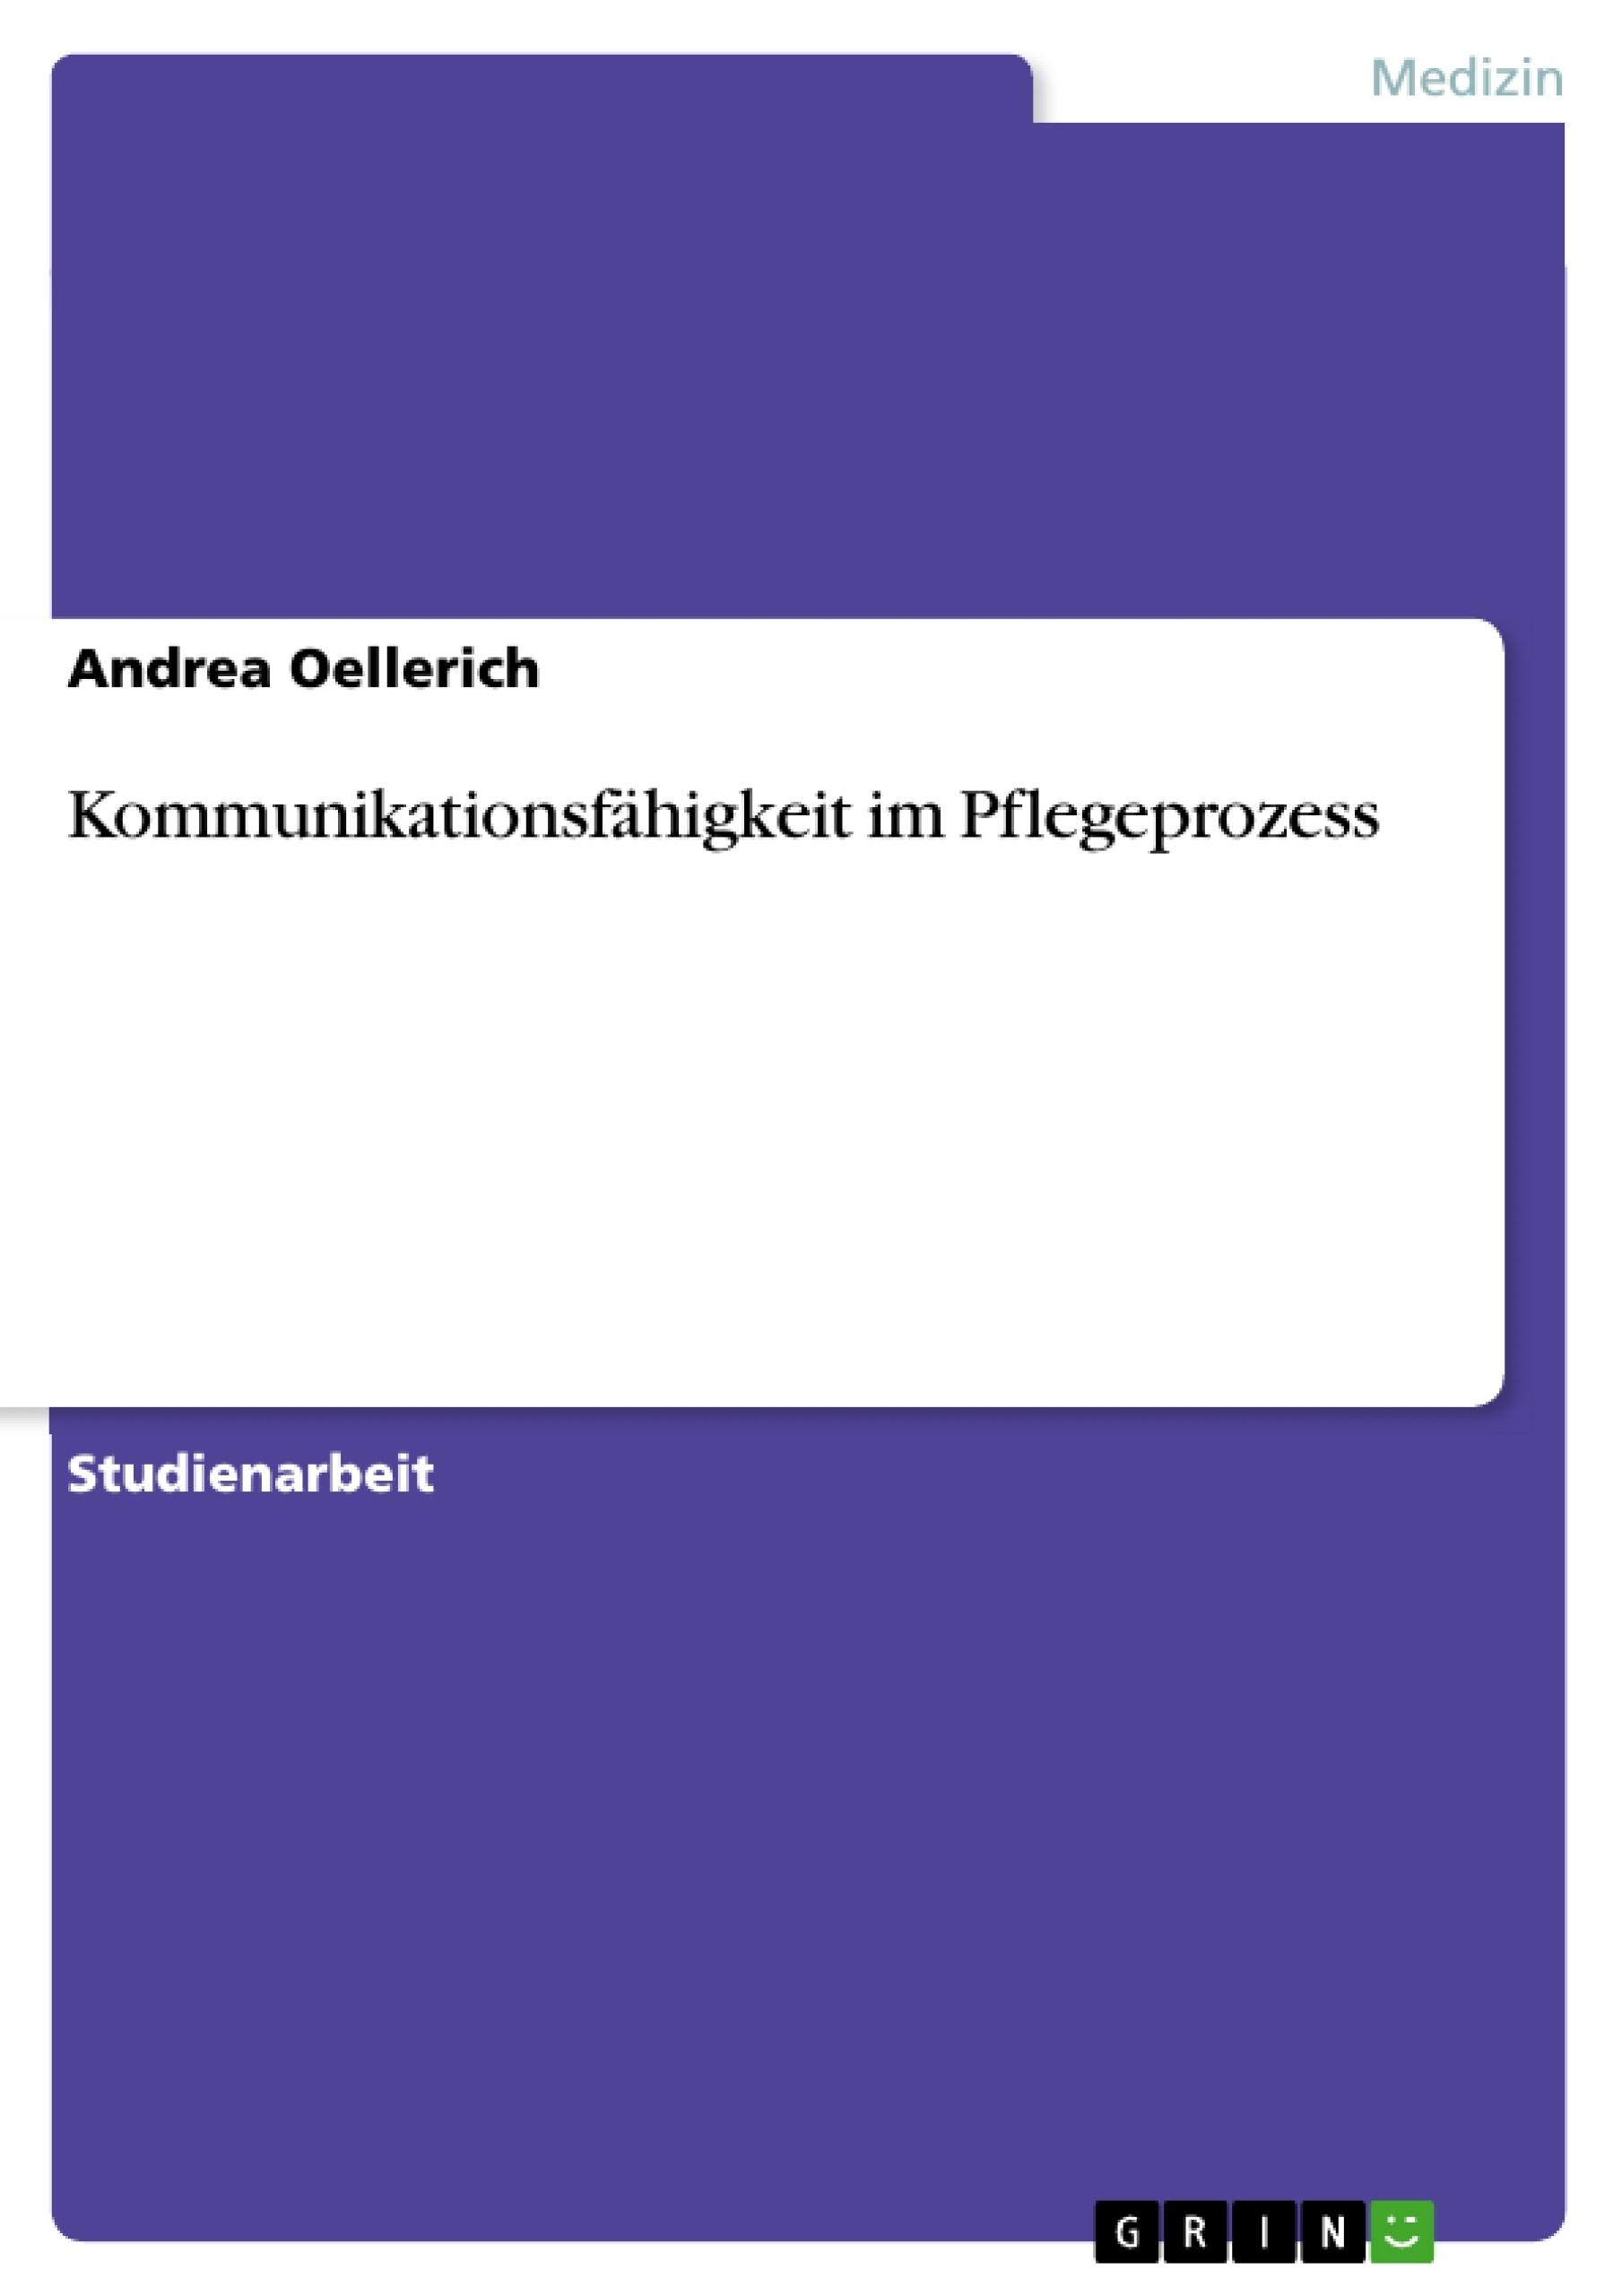 Titel: Kommunikationsfähigkeit im Pflegeprozess